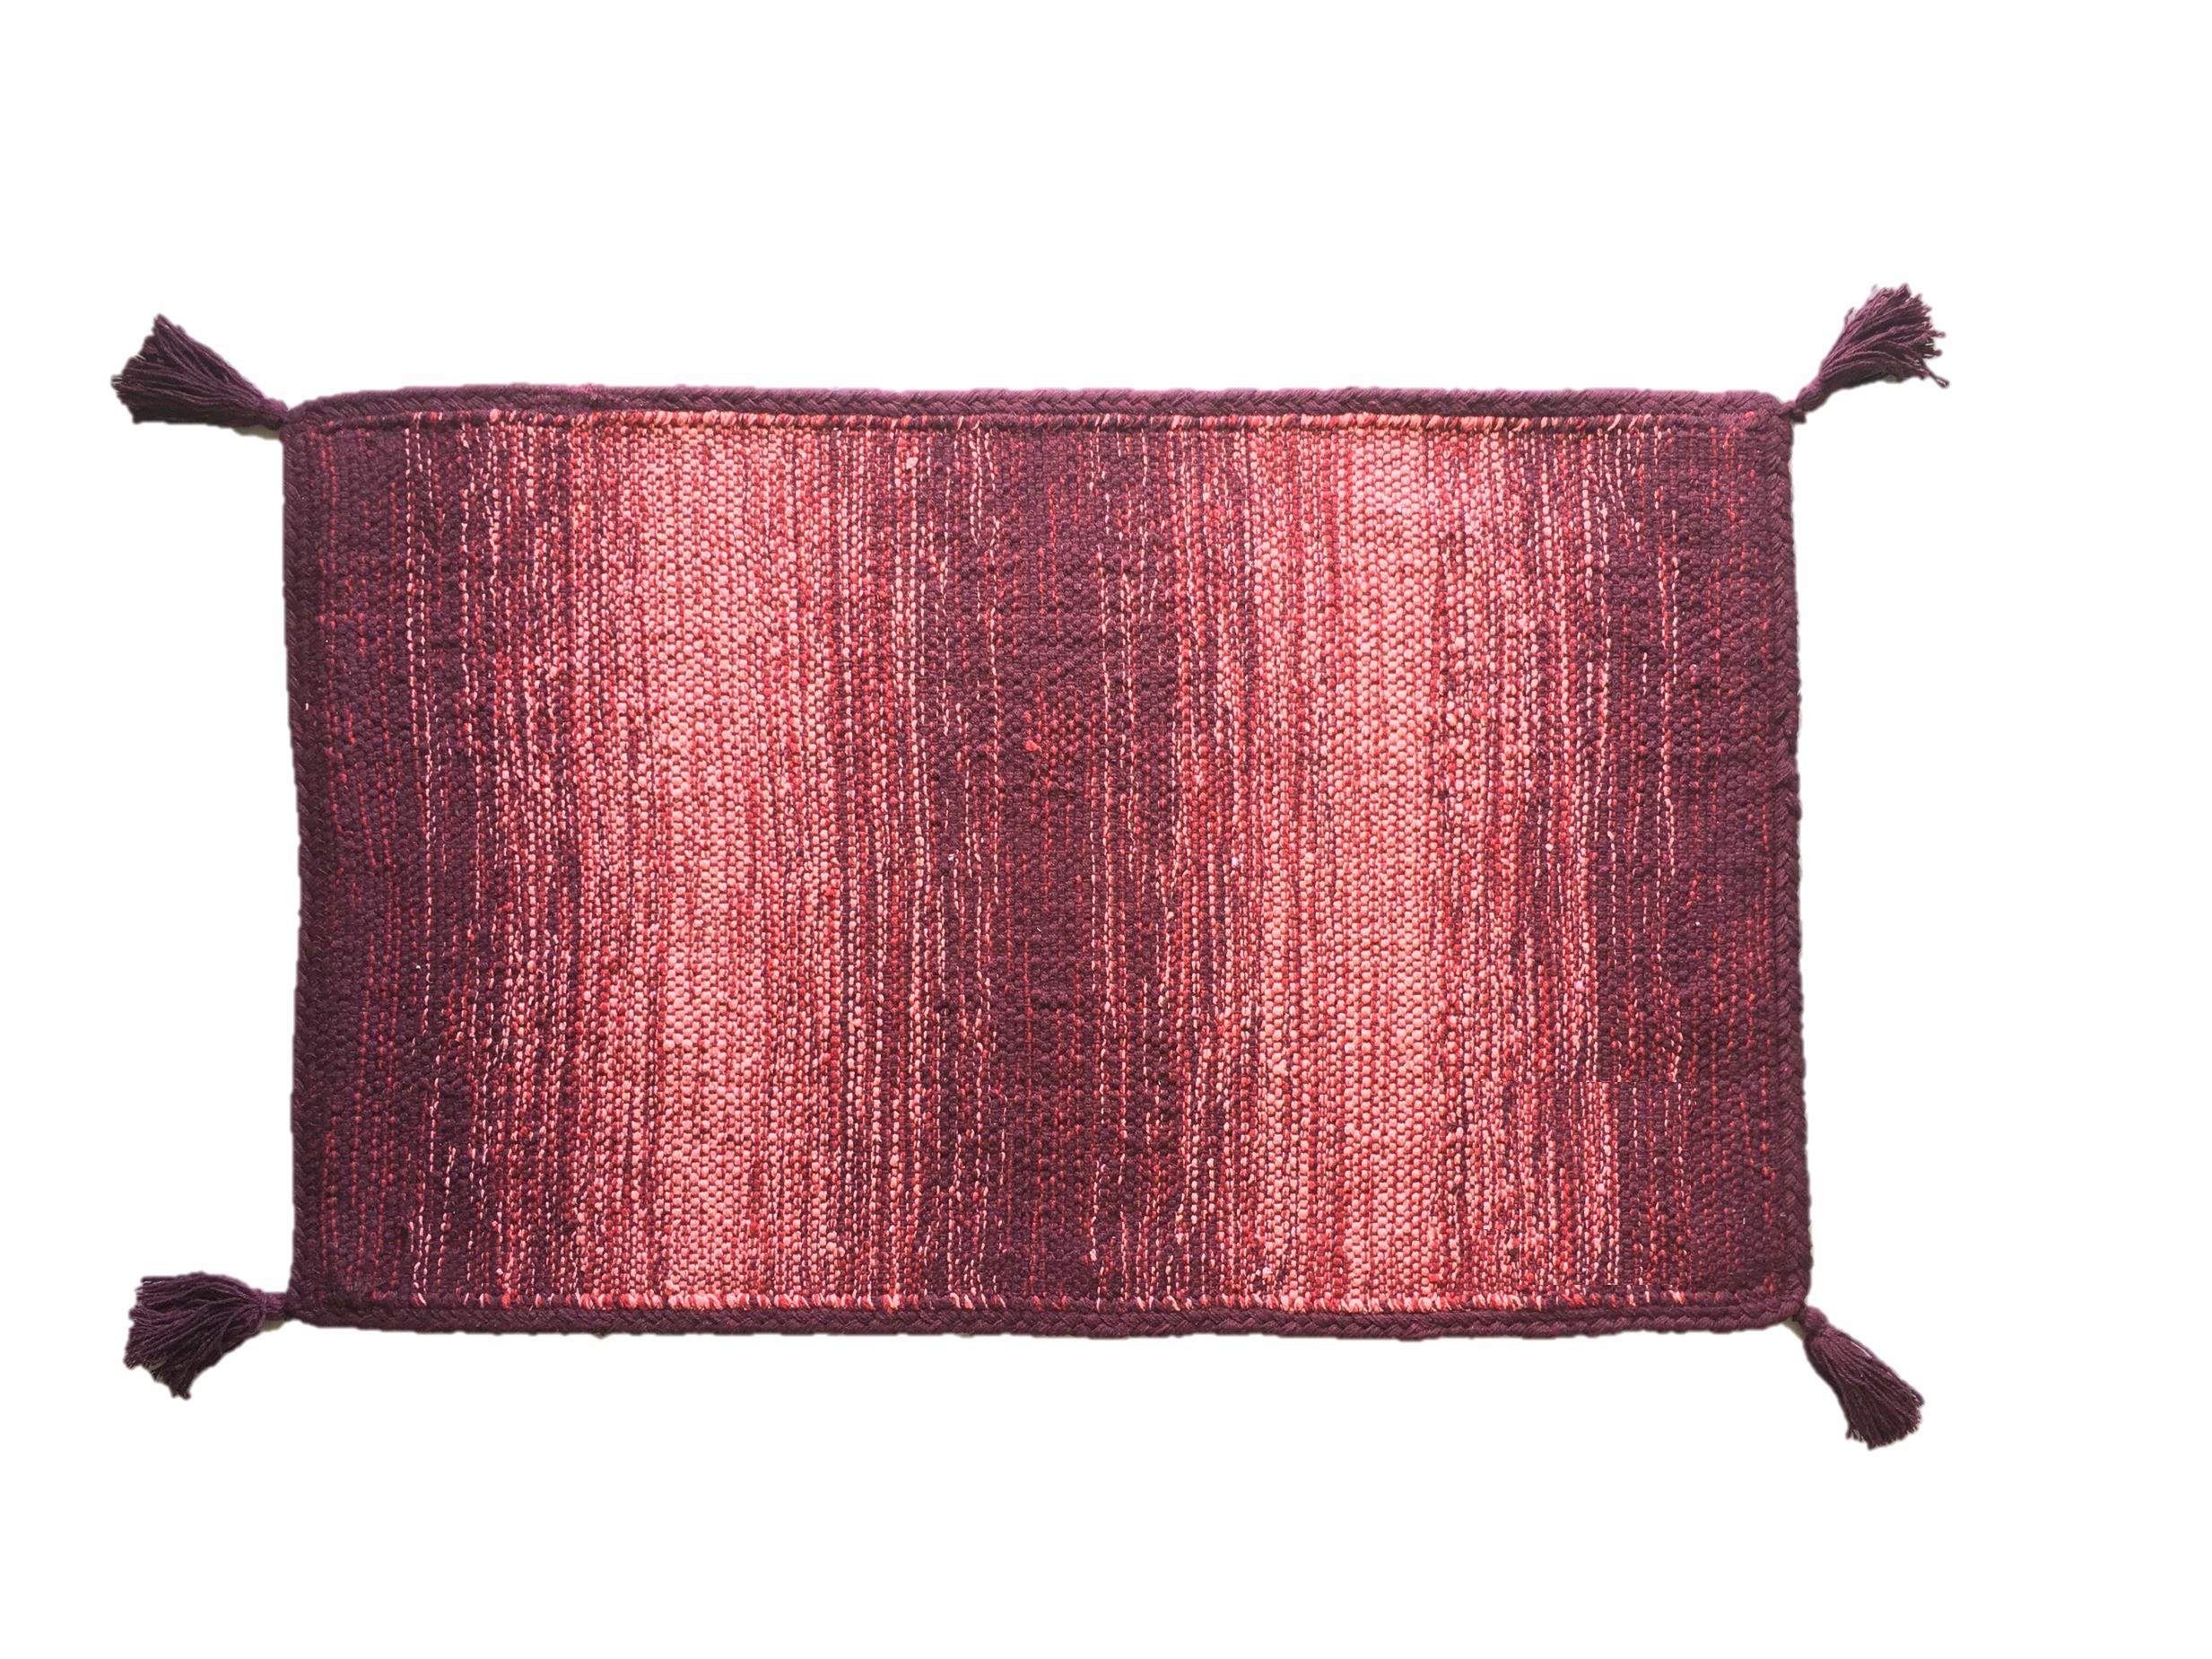 Χαλί Lora Εσωτερικού Χώρου Μπορντο 135cm X 70cm home   ειδη μπανιου   χαλιά   πατάκια μπάνιου